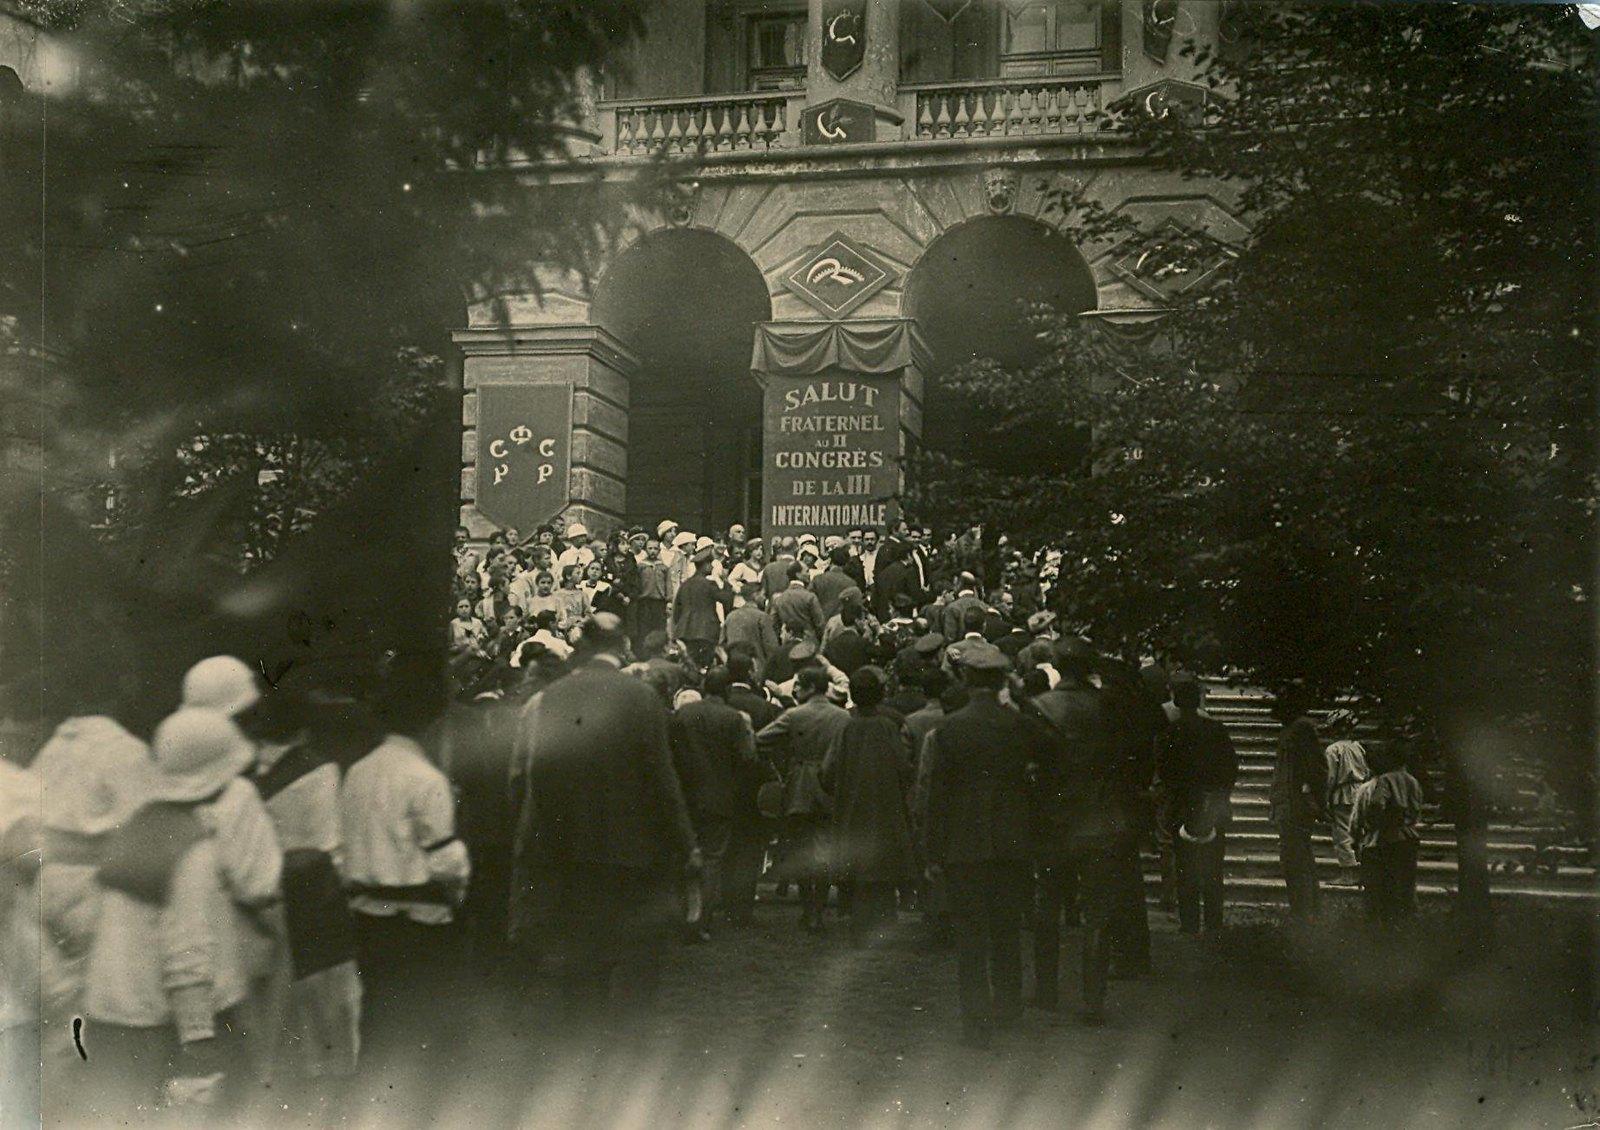 24. 1920. 19 июля.  Приезд делегатов II конгресса Коминтерна в Смольный в день торжественного открытия конгресса